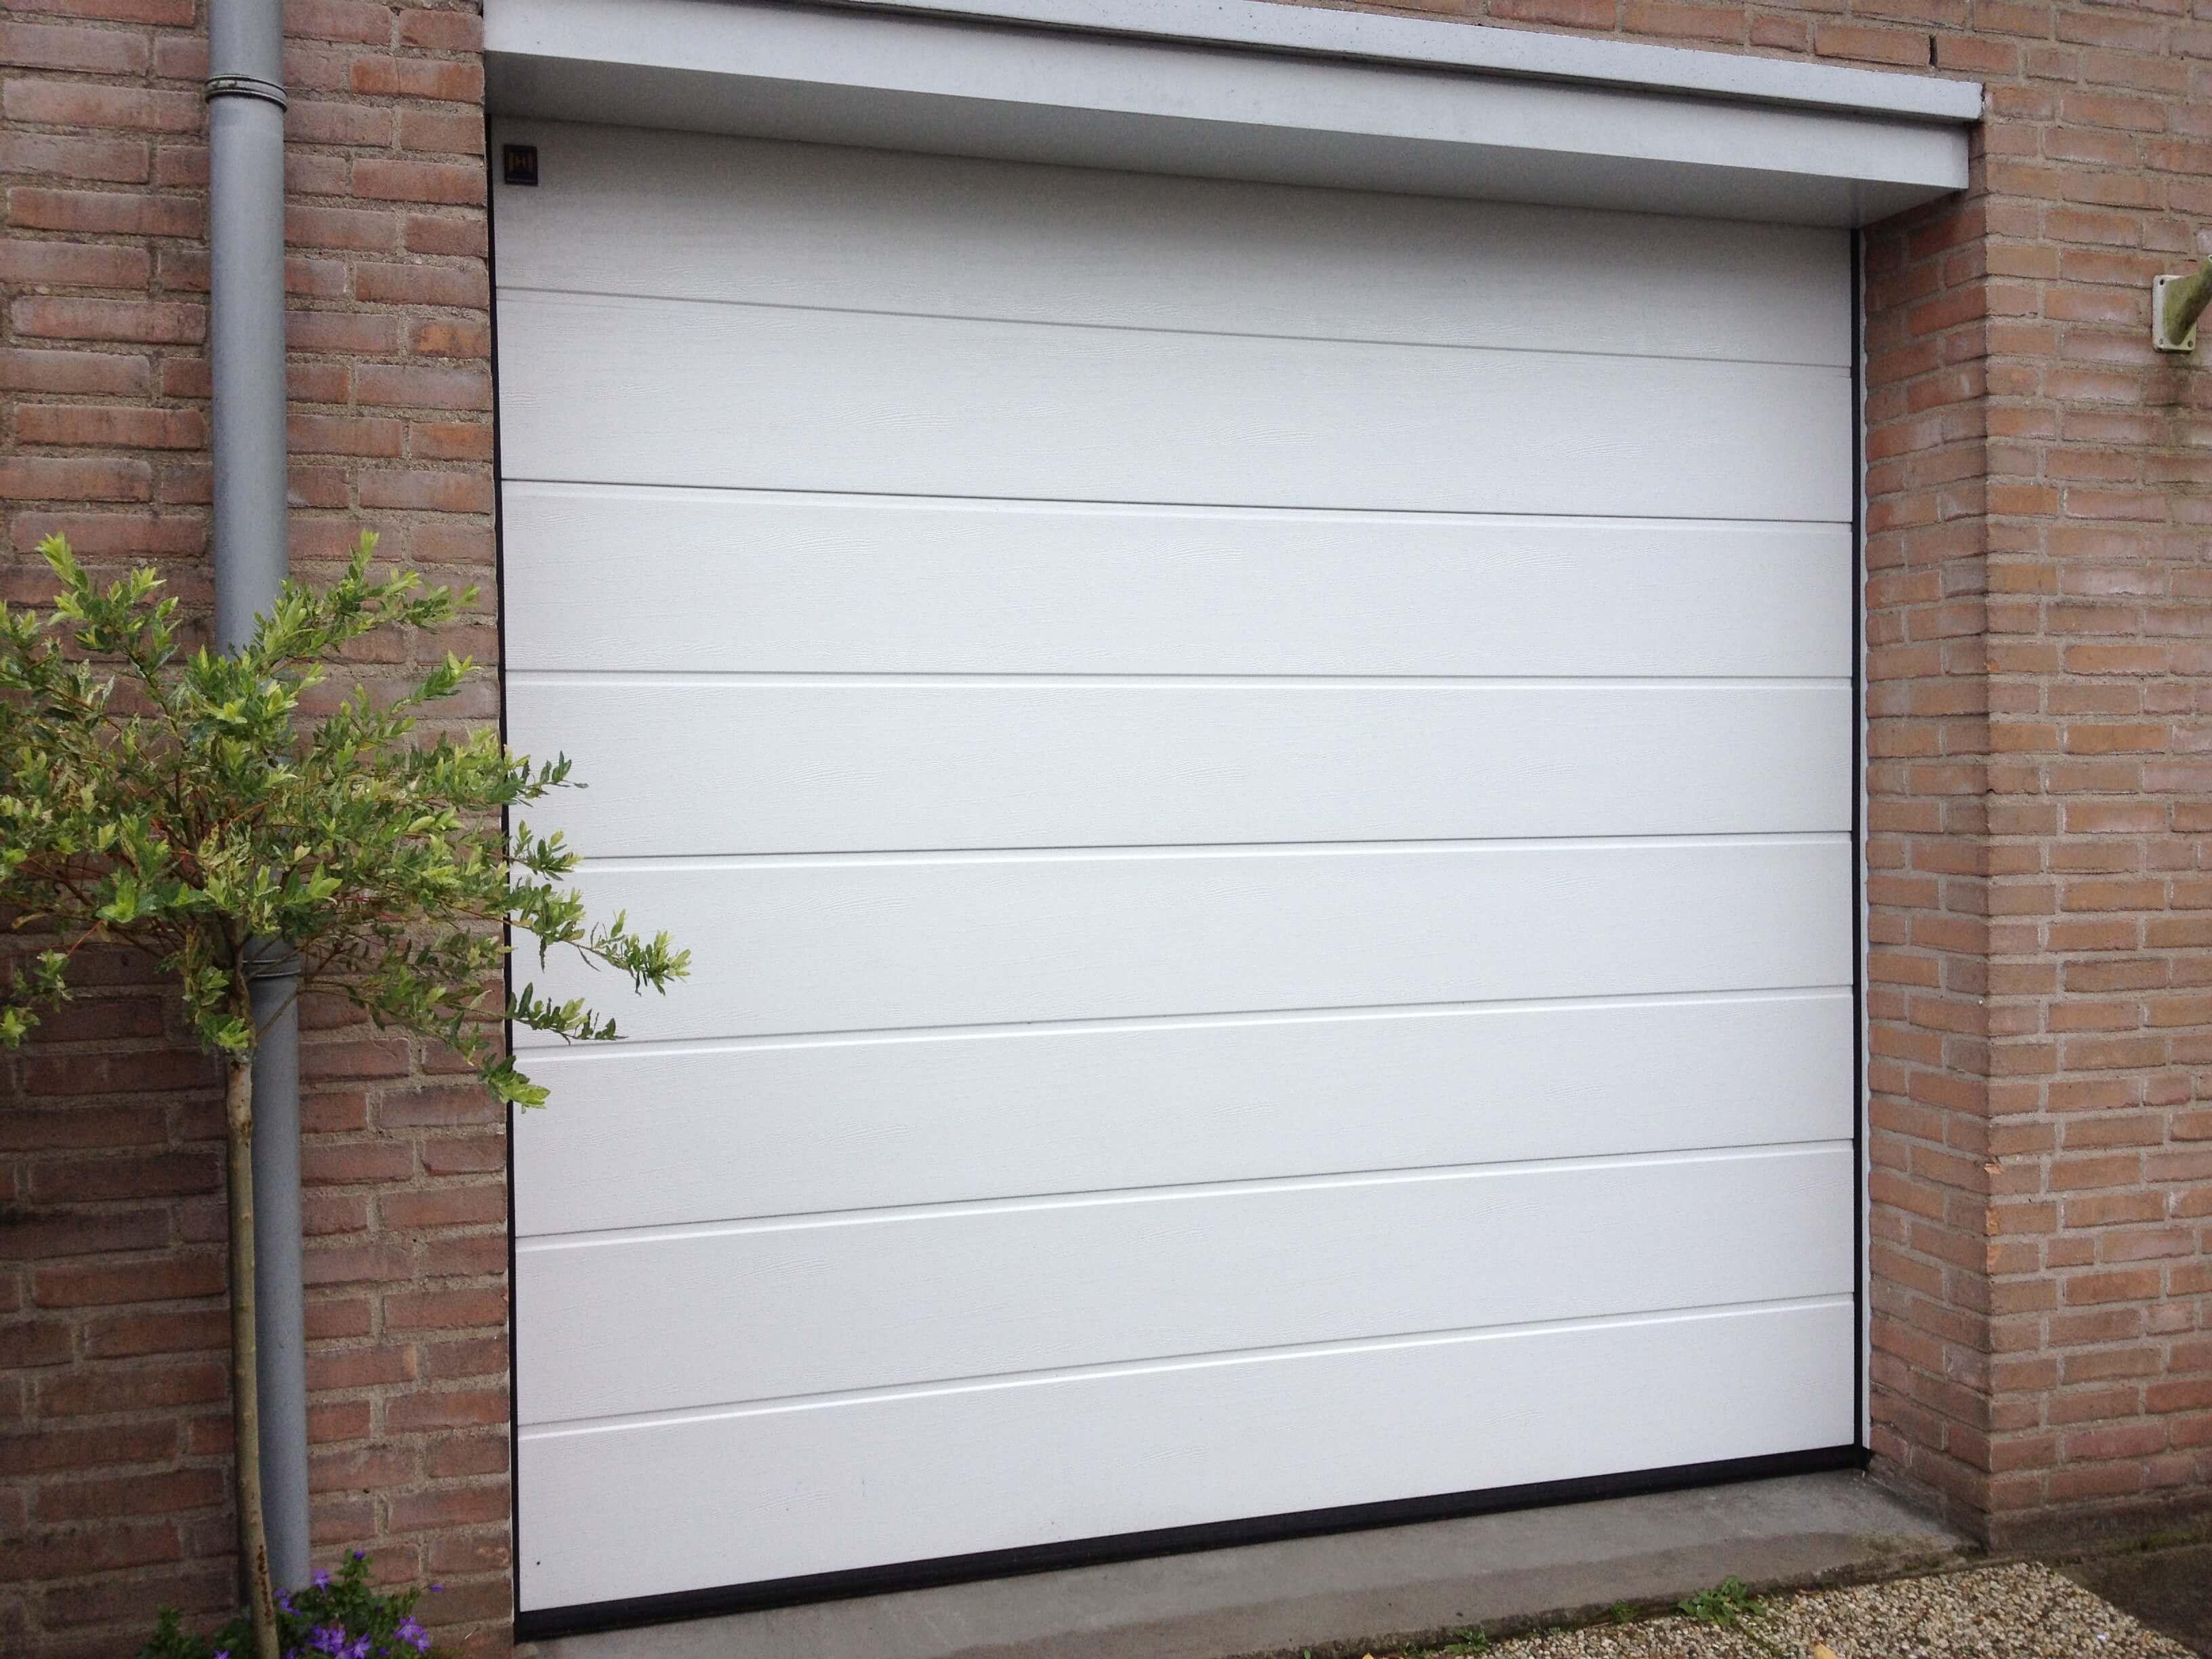 De Hörmann LPU 42 sectionaaldeur vervangt uw ongeisoleerde kanteldeur en verbetert het wooncomfort